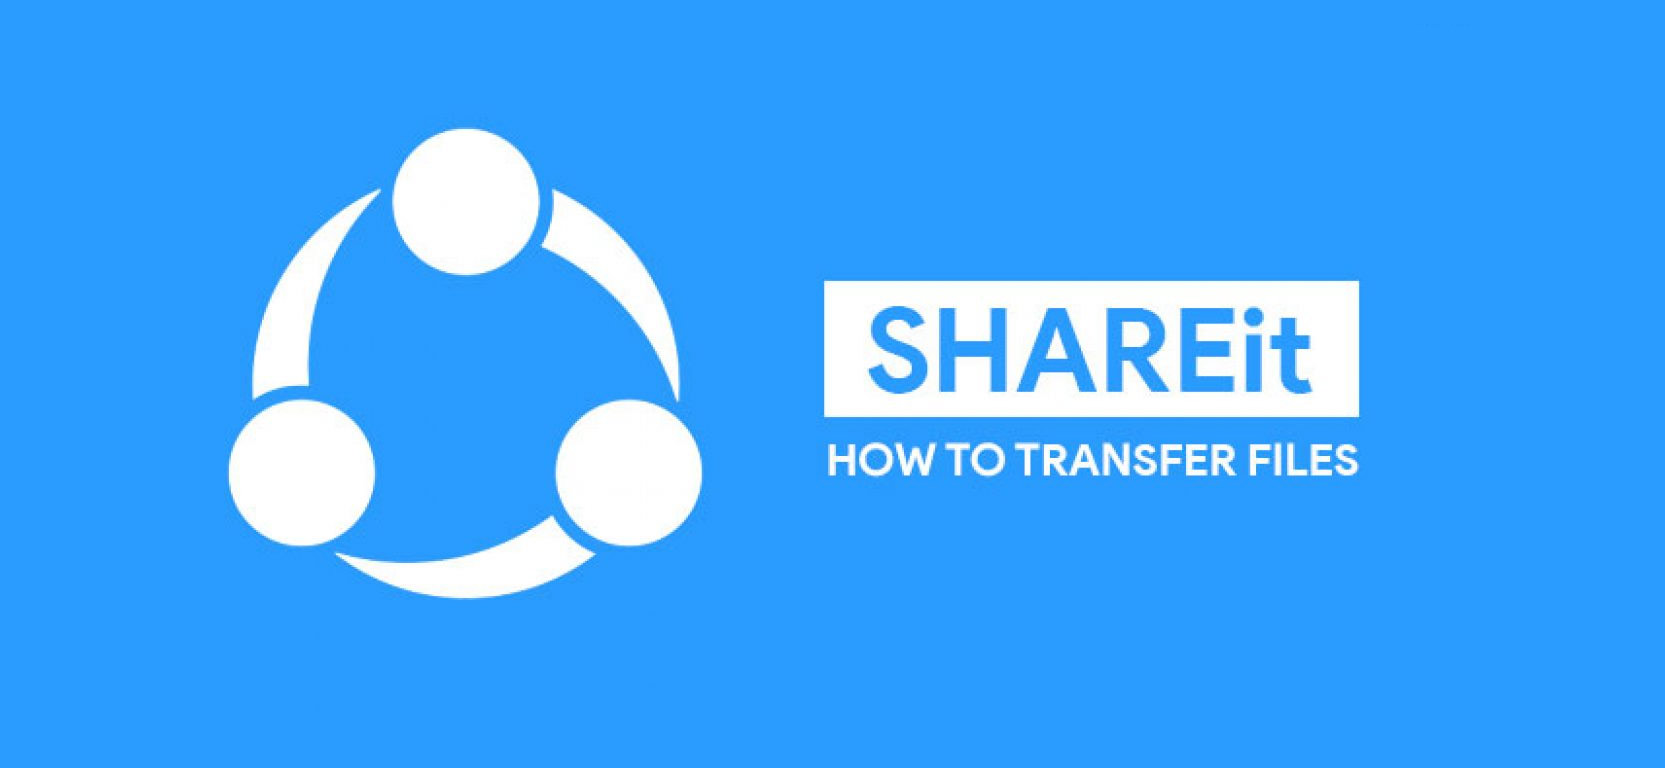 shareitappforpc.com - share dan download apk windows, andoid, ios